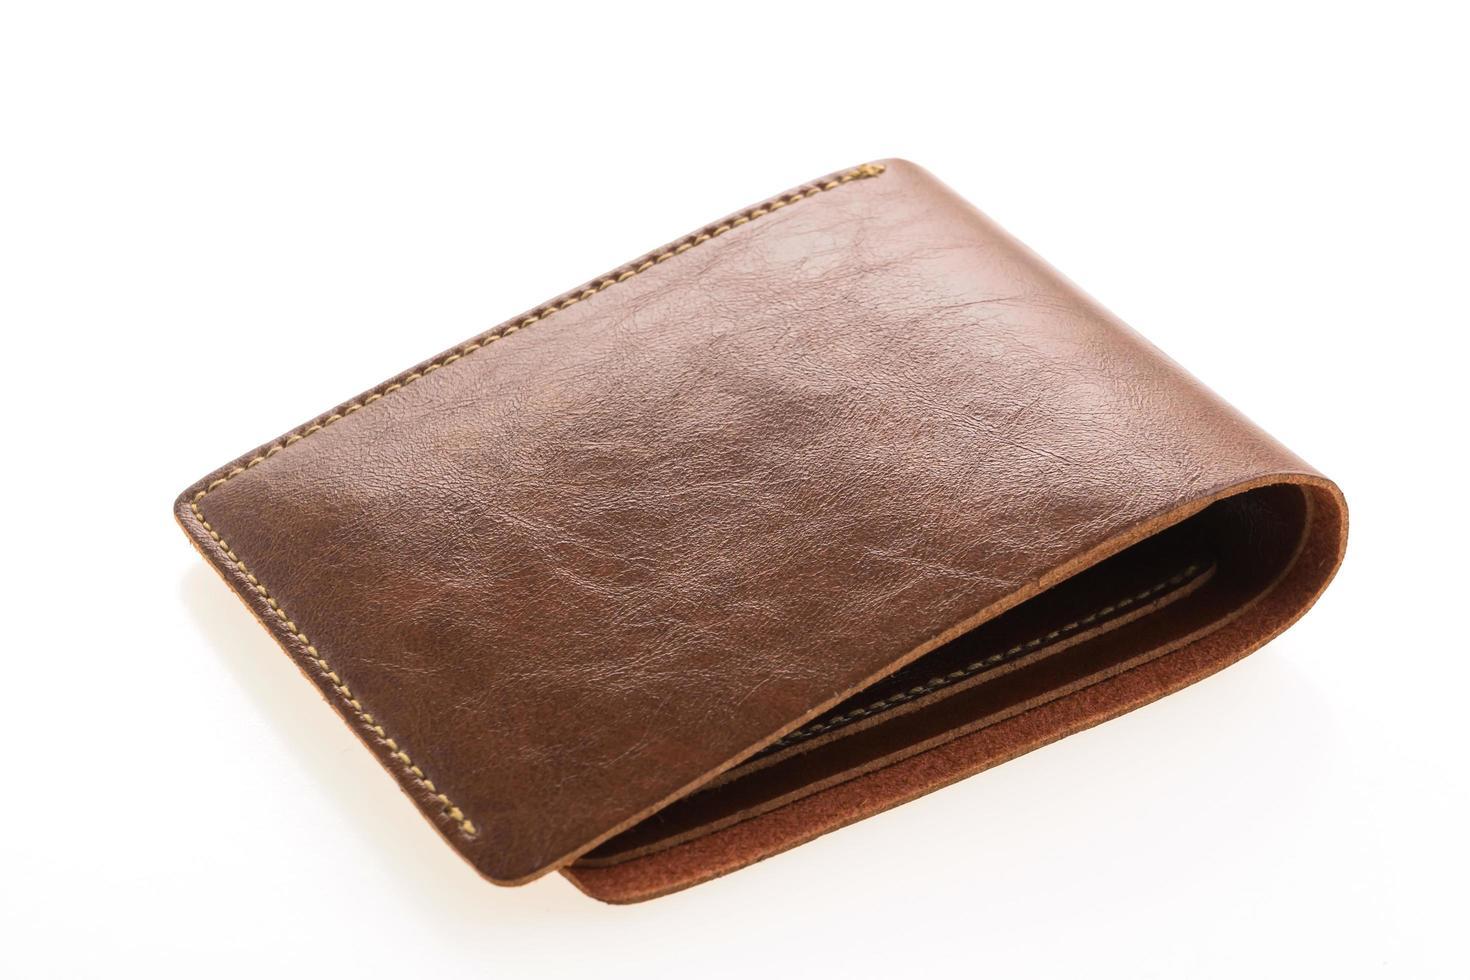 braune Lederbrieftasche auf weißem Hintergrund foto